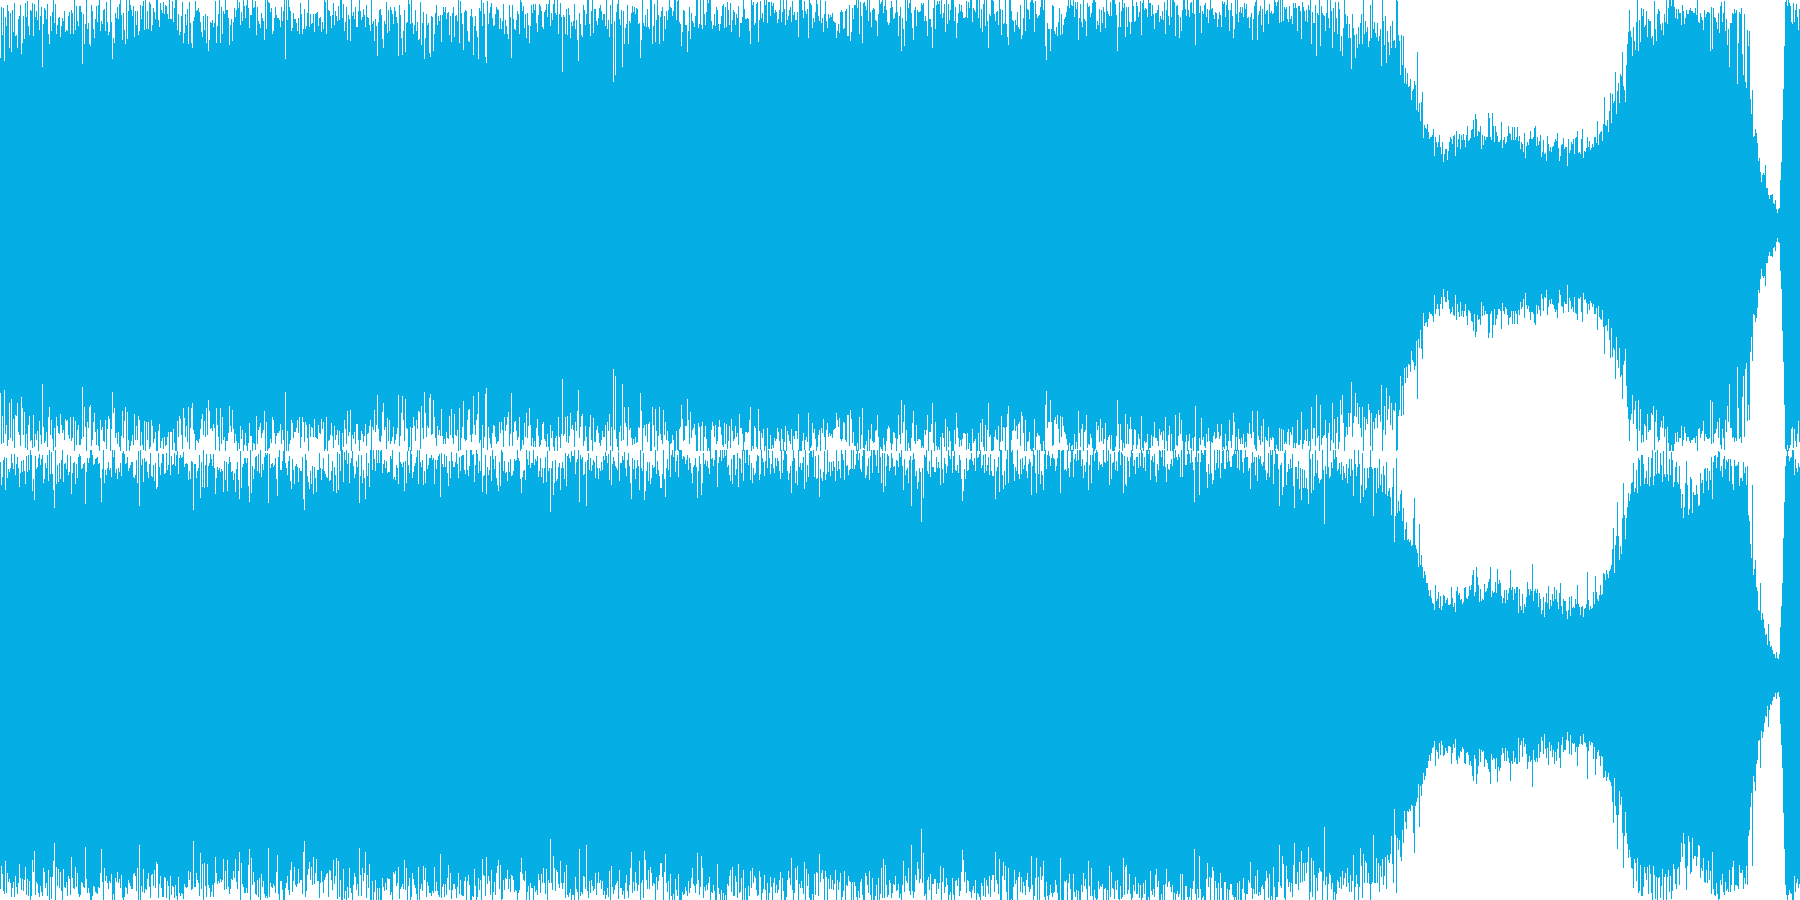 ノイズ的な宇宙をテーマに作りました。「…の再生済みの波形